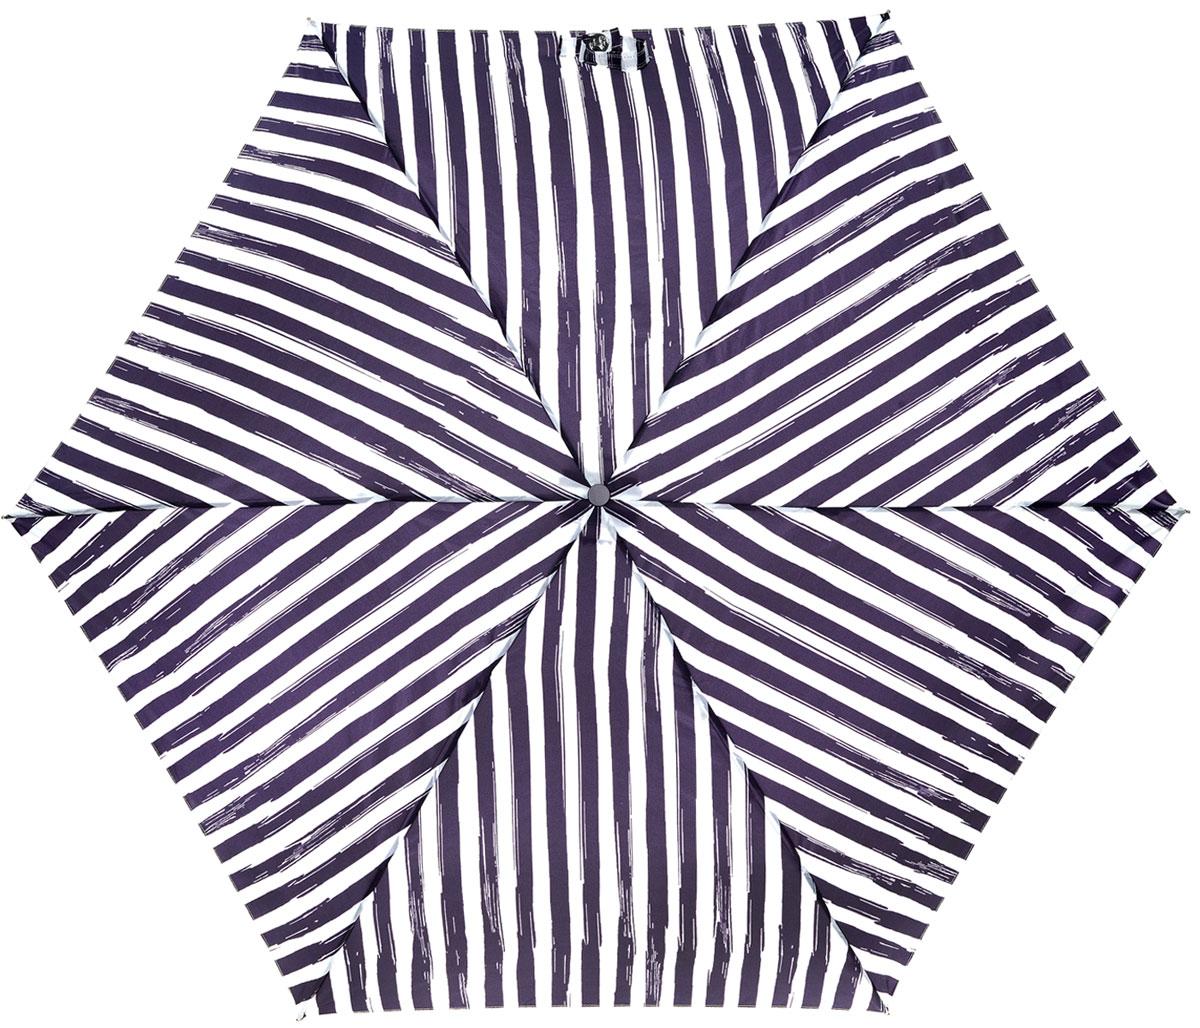 Зонт женский Lulu Guinness Superslim, механический, 3 сложения, цвет: белый, фиолетовый. L718-2786L718-2786 PainterlyStripeСтильный механический зонт Lulu Guinness Superslim в 3 сложения даже в ненастную погоду позволит вам оставаться элегантной. Облегченный каркас зонта выполнен из 6 спиц из фибергласса и алюминия, стержень также изготовлен из алюминия, удобная рукоятка - из пластика. Купол зонта выполнен из прочного полиэстера. В закрытом виде застегивается хлястиком на кнопке. Яркий оригинальный рисунок в полоску поднимет настроение в дождливый день. Зонт механического сложения: купол открывается и закрывается вручную до характерного щелчка. На рукоятке для удобства есть небольшой шнурок, позволяющий надеть зонт на руку тогда, когда это будет необходимо. К зонту прилагается чехол, который дополнительно застегивается на липучку, с небольшой нашивкой с названием бренда. Такой зонт компактно располагается в кармане, сумочке, дверке автомобиля.